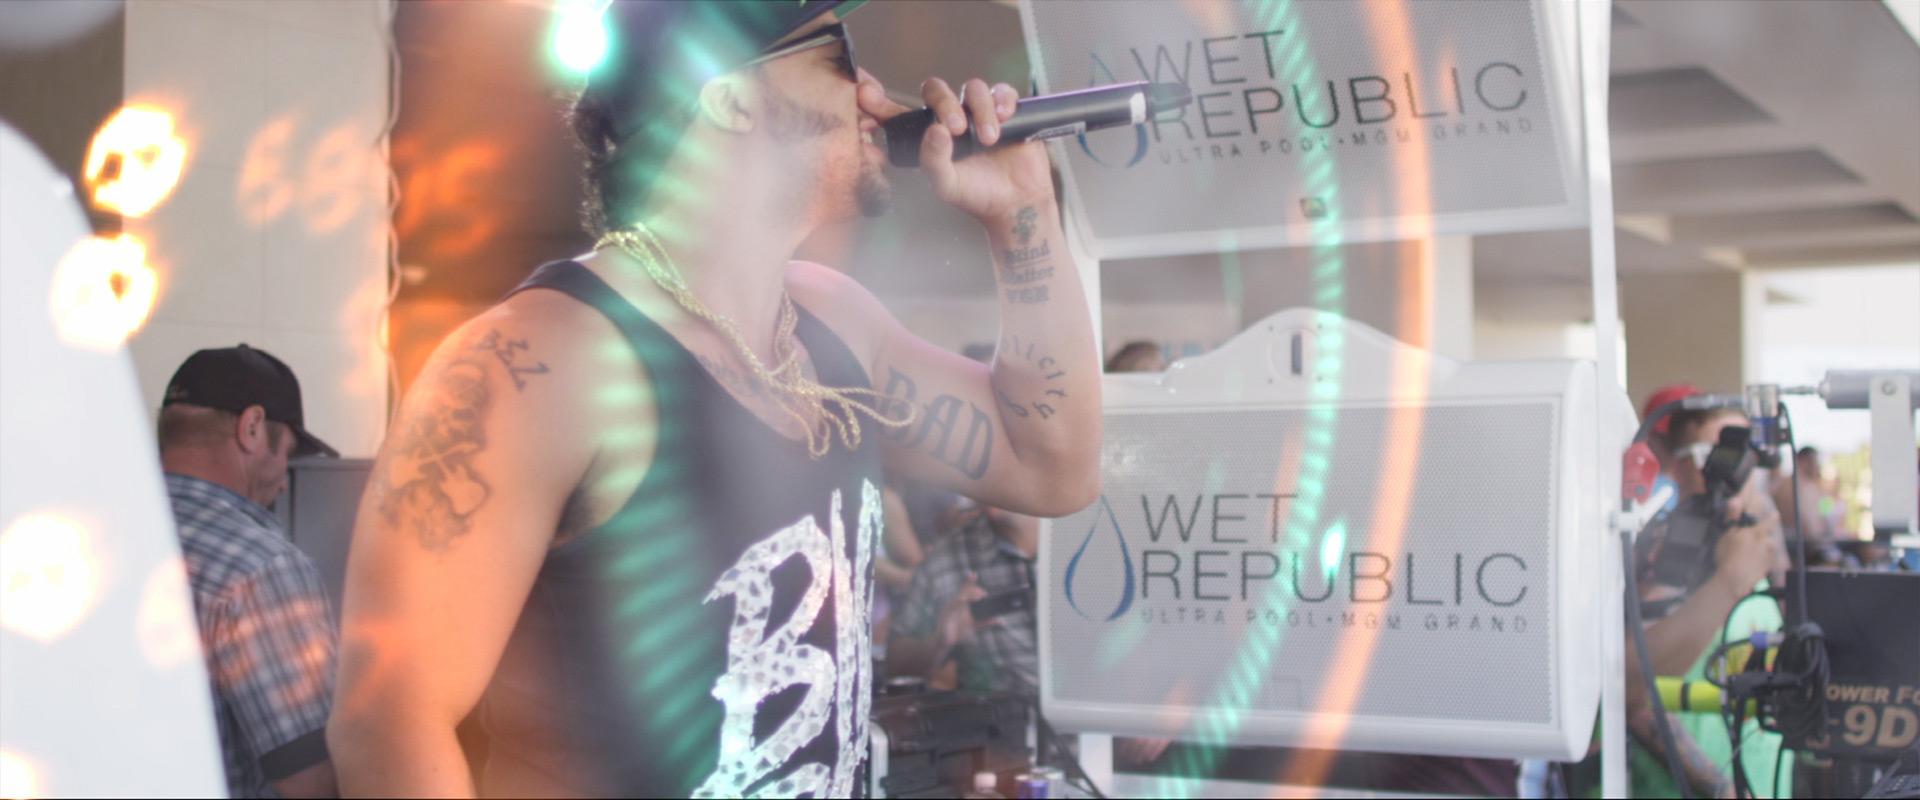 wet_21